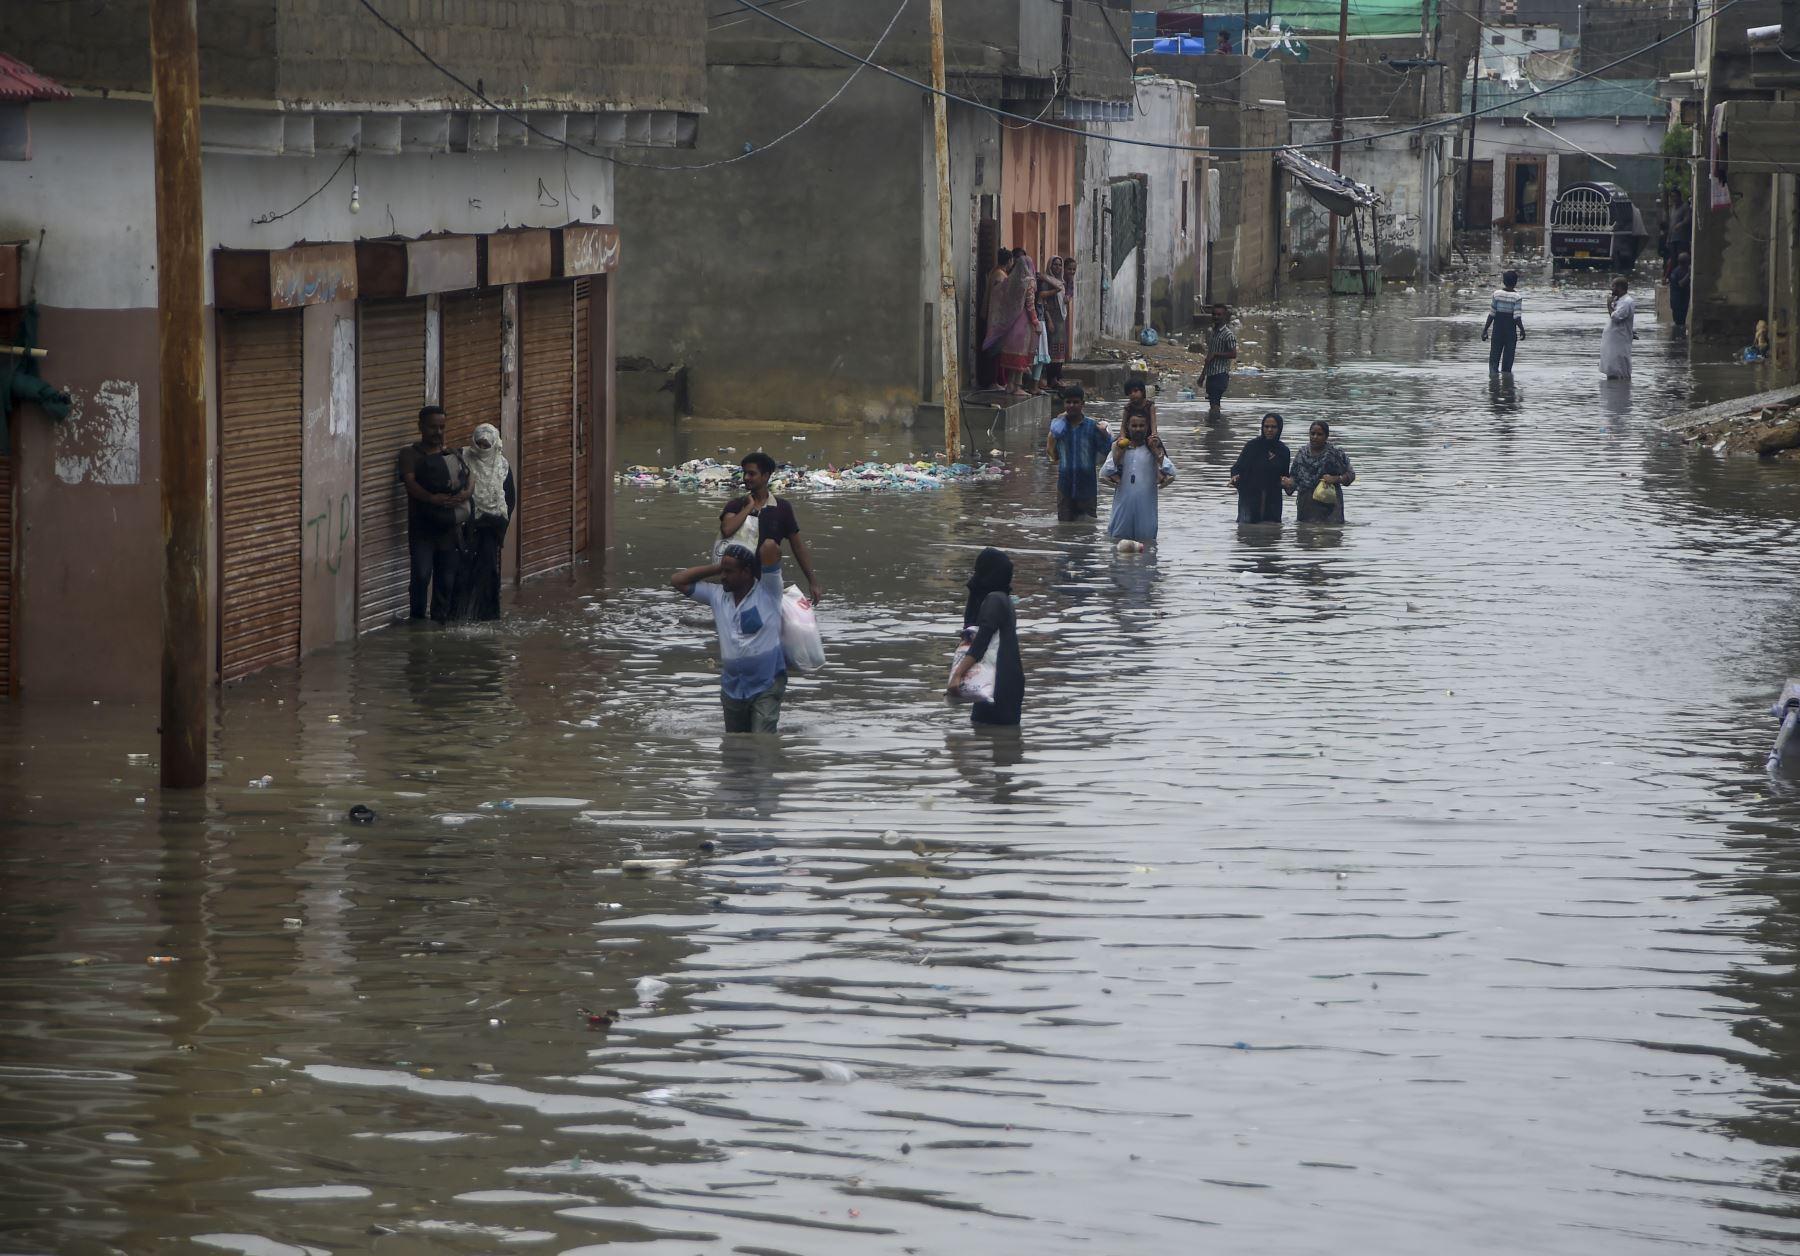 Los residentes caminan por una calle inundada después de fuertes lluvias monzónicas en Karachi. AFP